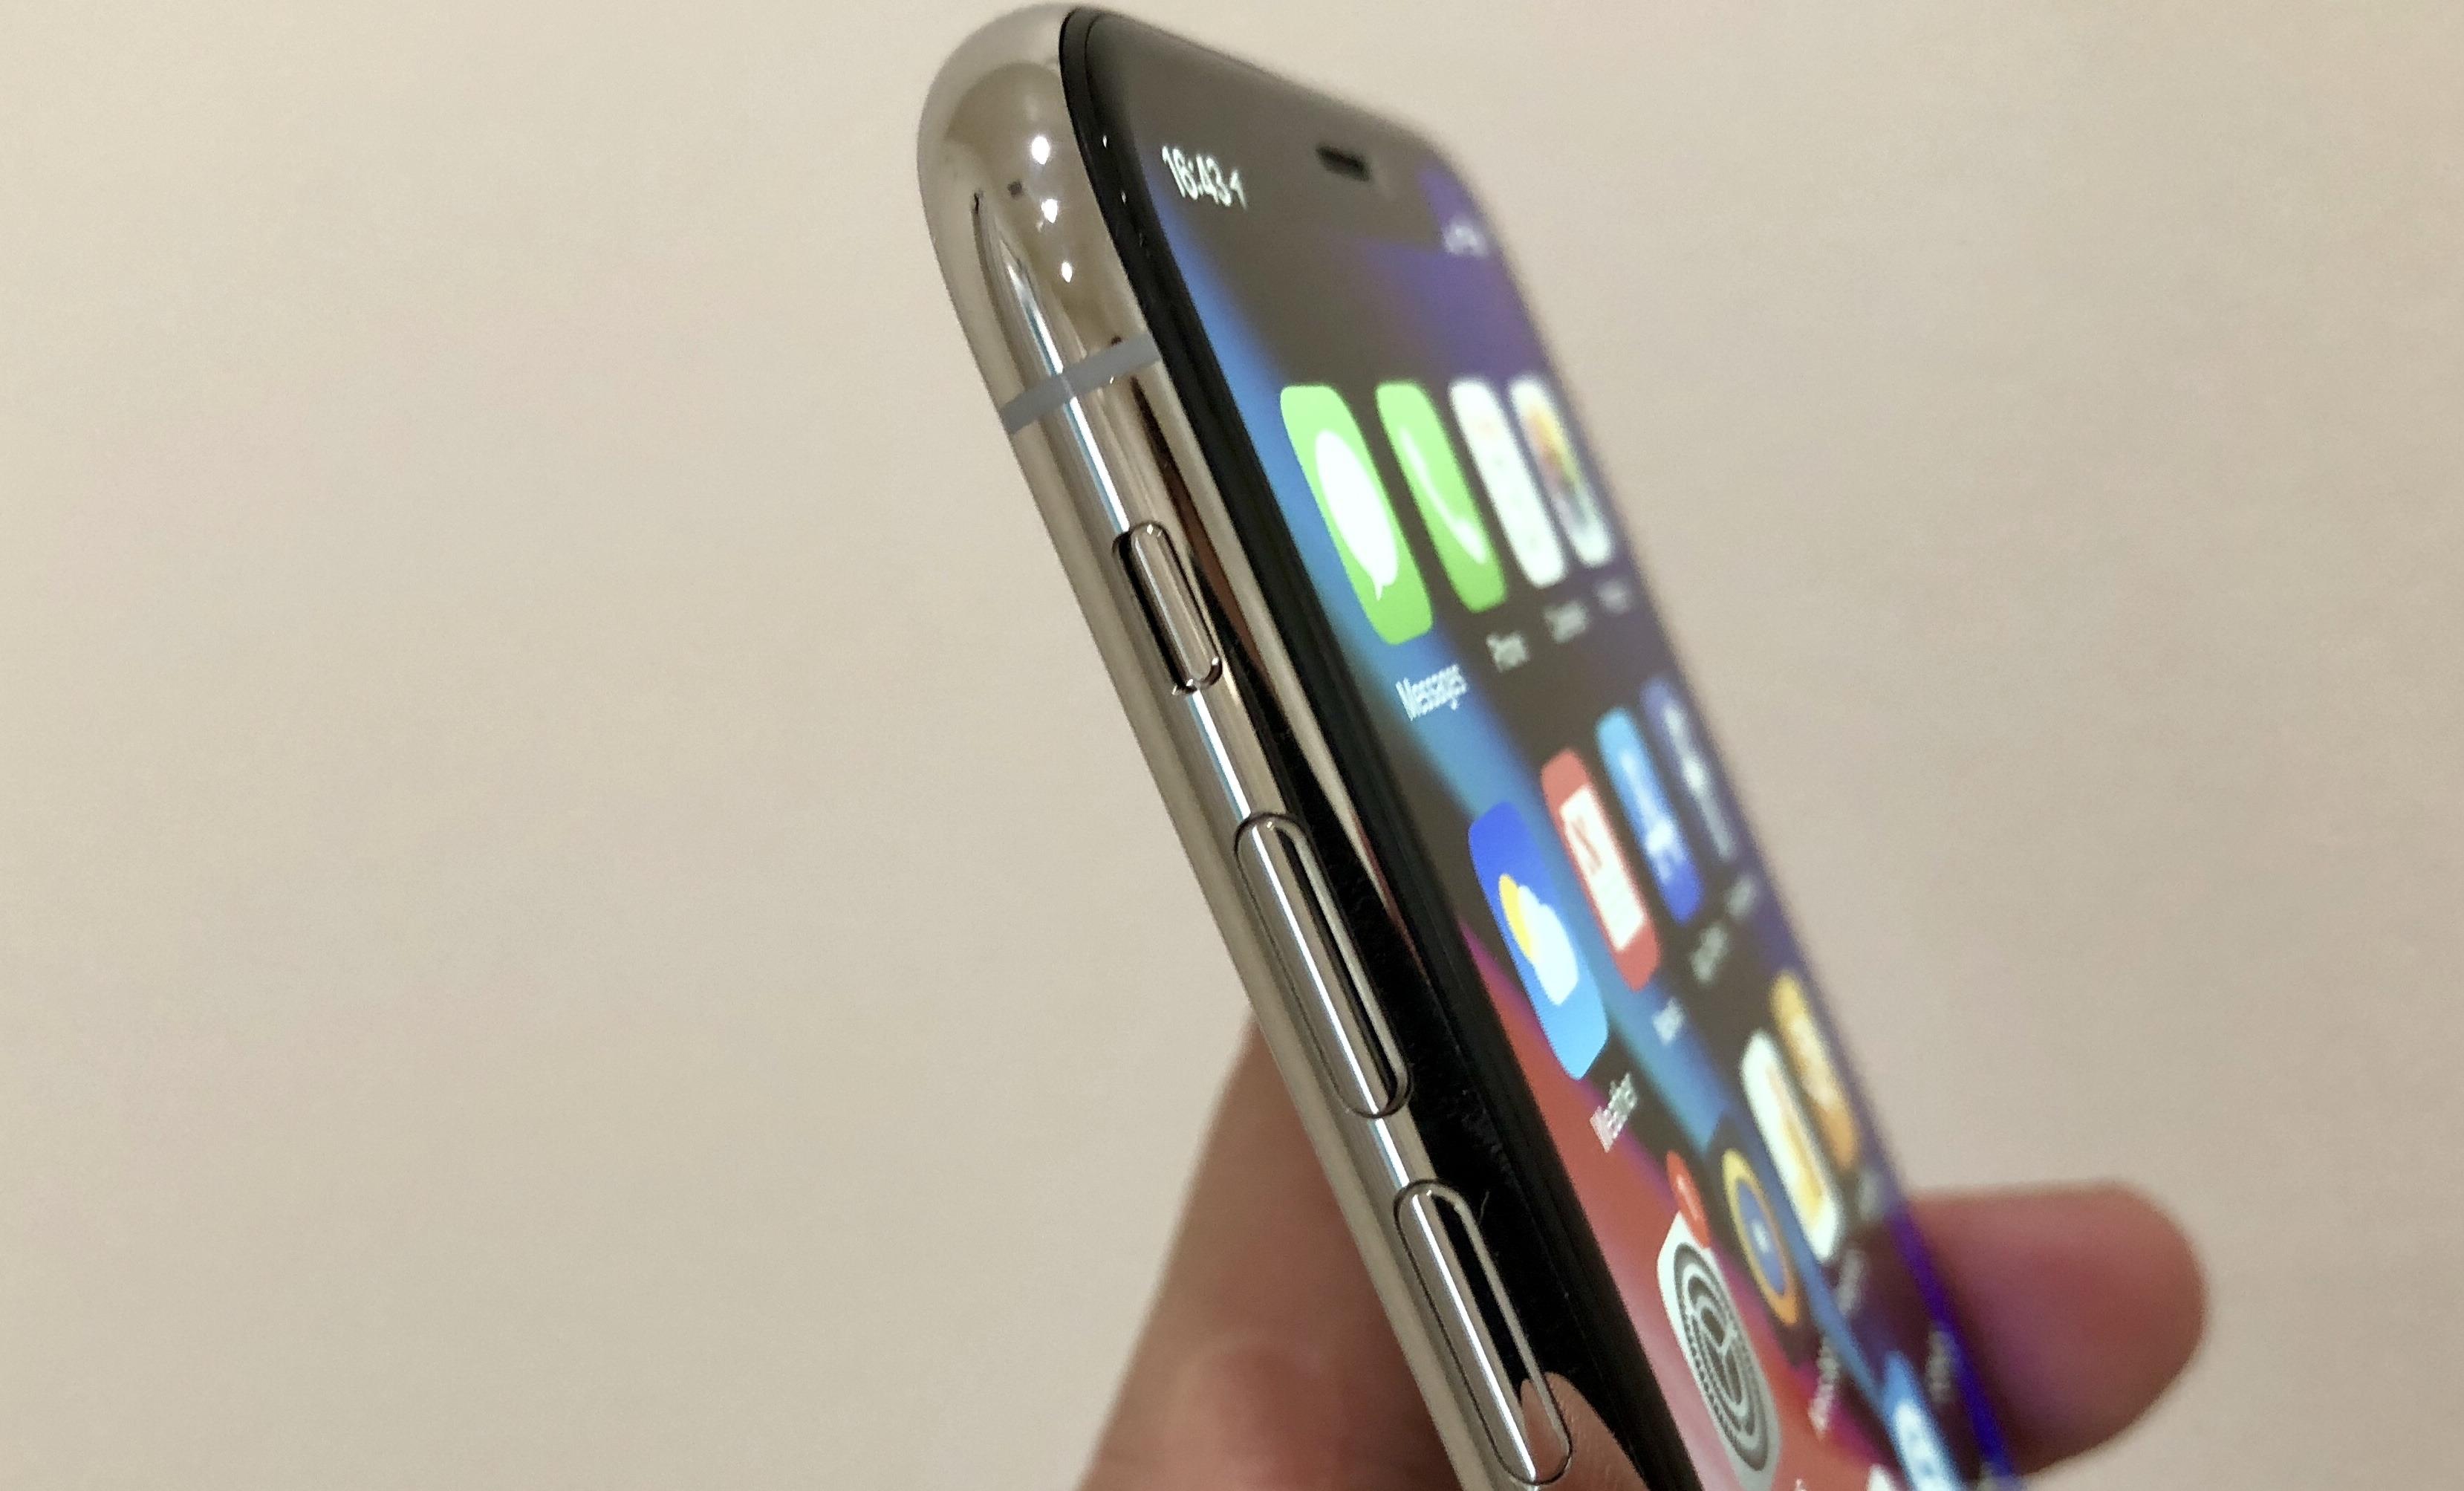 iPhone X er helt klart riktig steg for Apples viktigste produktserie med en rekke forbedringer alle vil sette pris på.